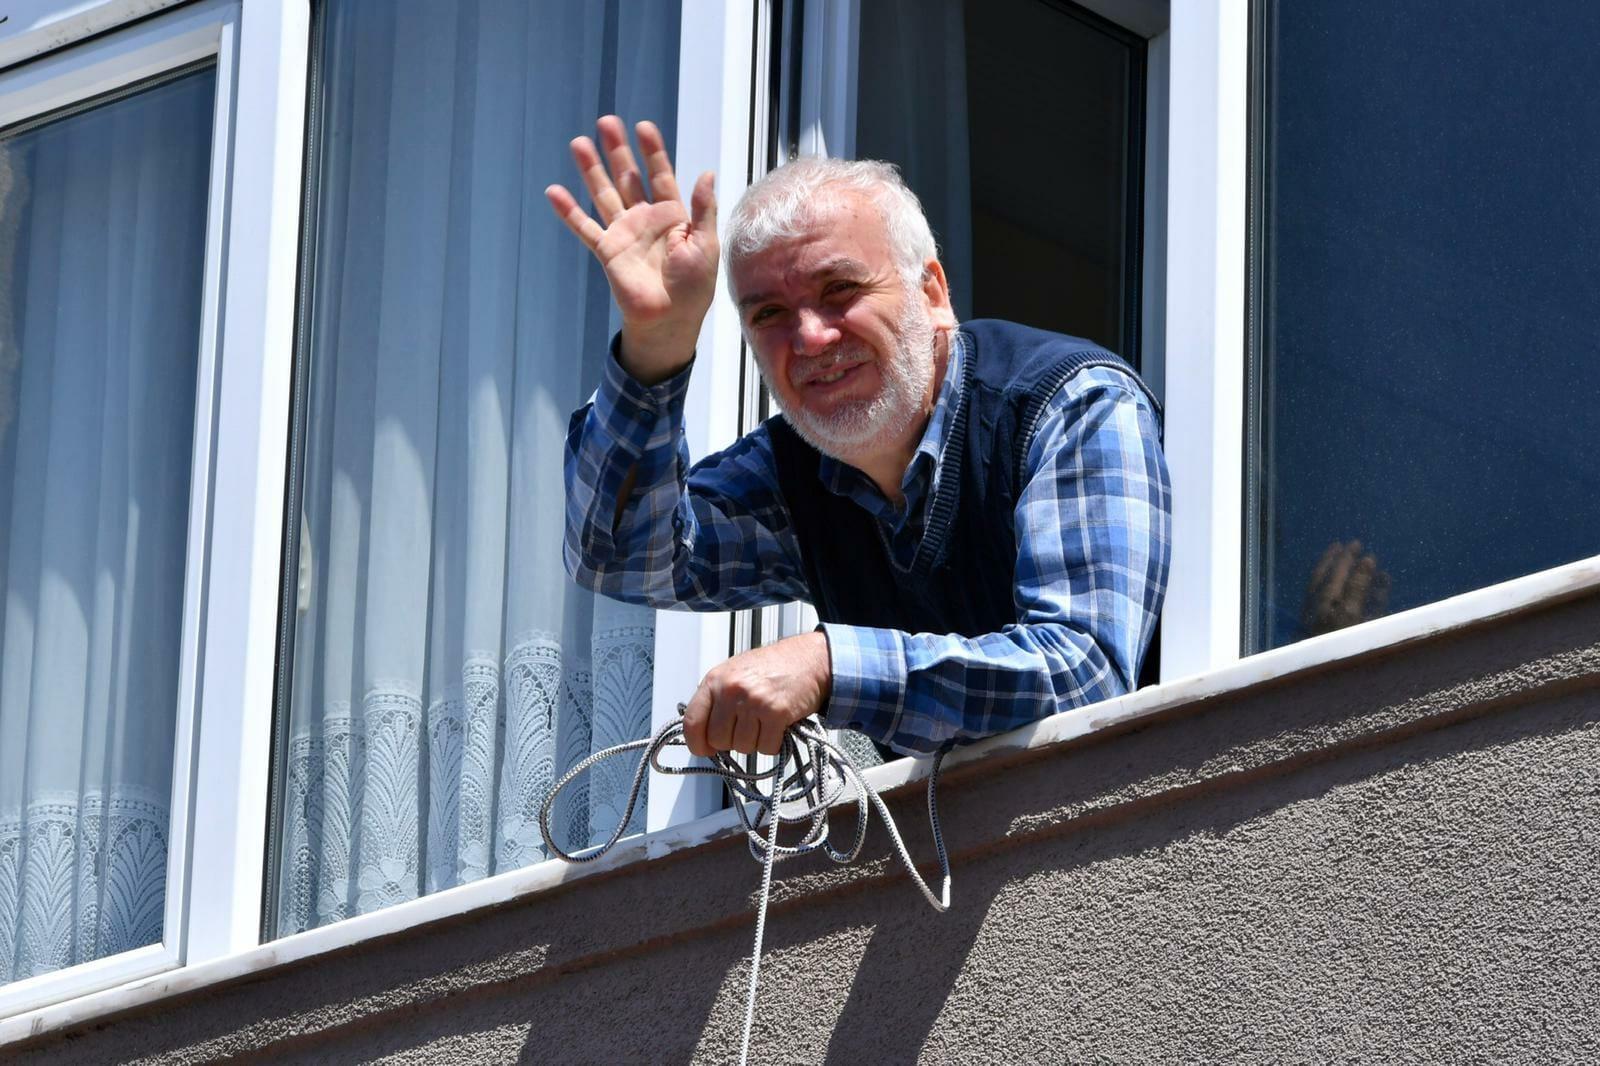 EXkdecEWoAAqNTD - بلدية الفاتح في إسطنبول توزع مساعدات طبية للمواطنين في منازلهم